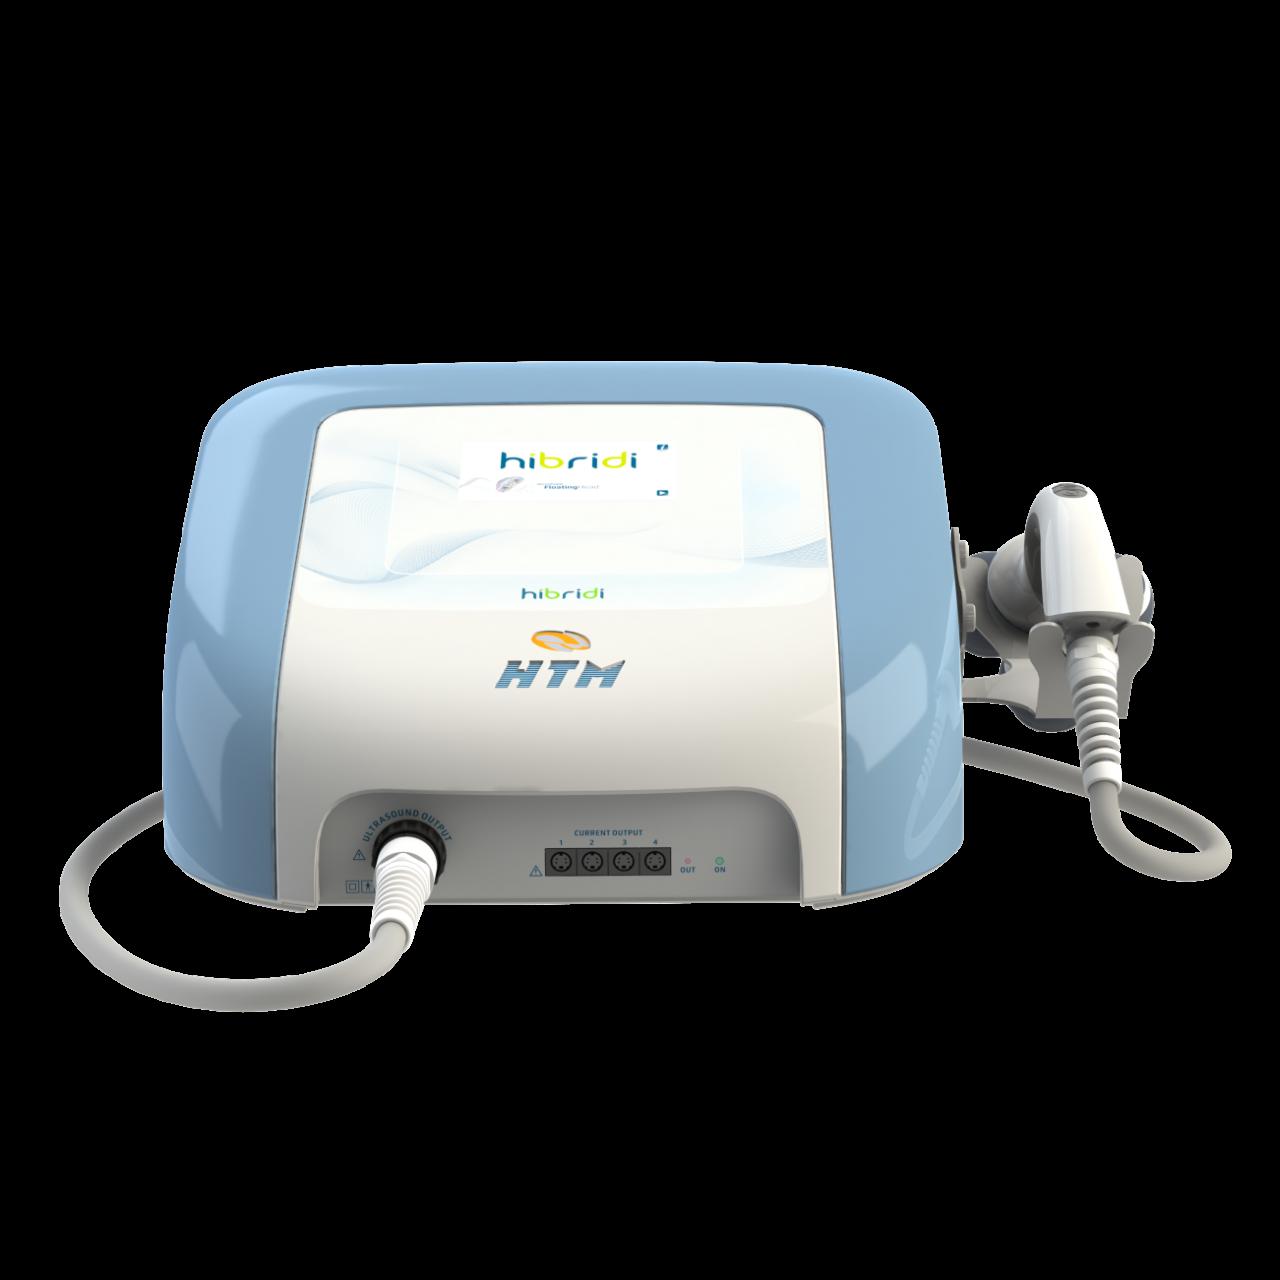 Híbridi aparelho de Terapia Combinada - HTM